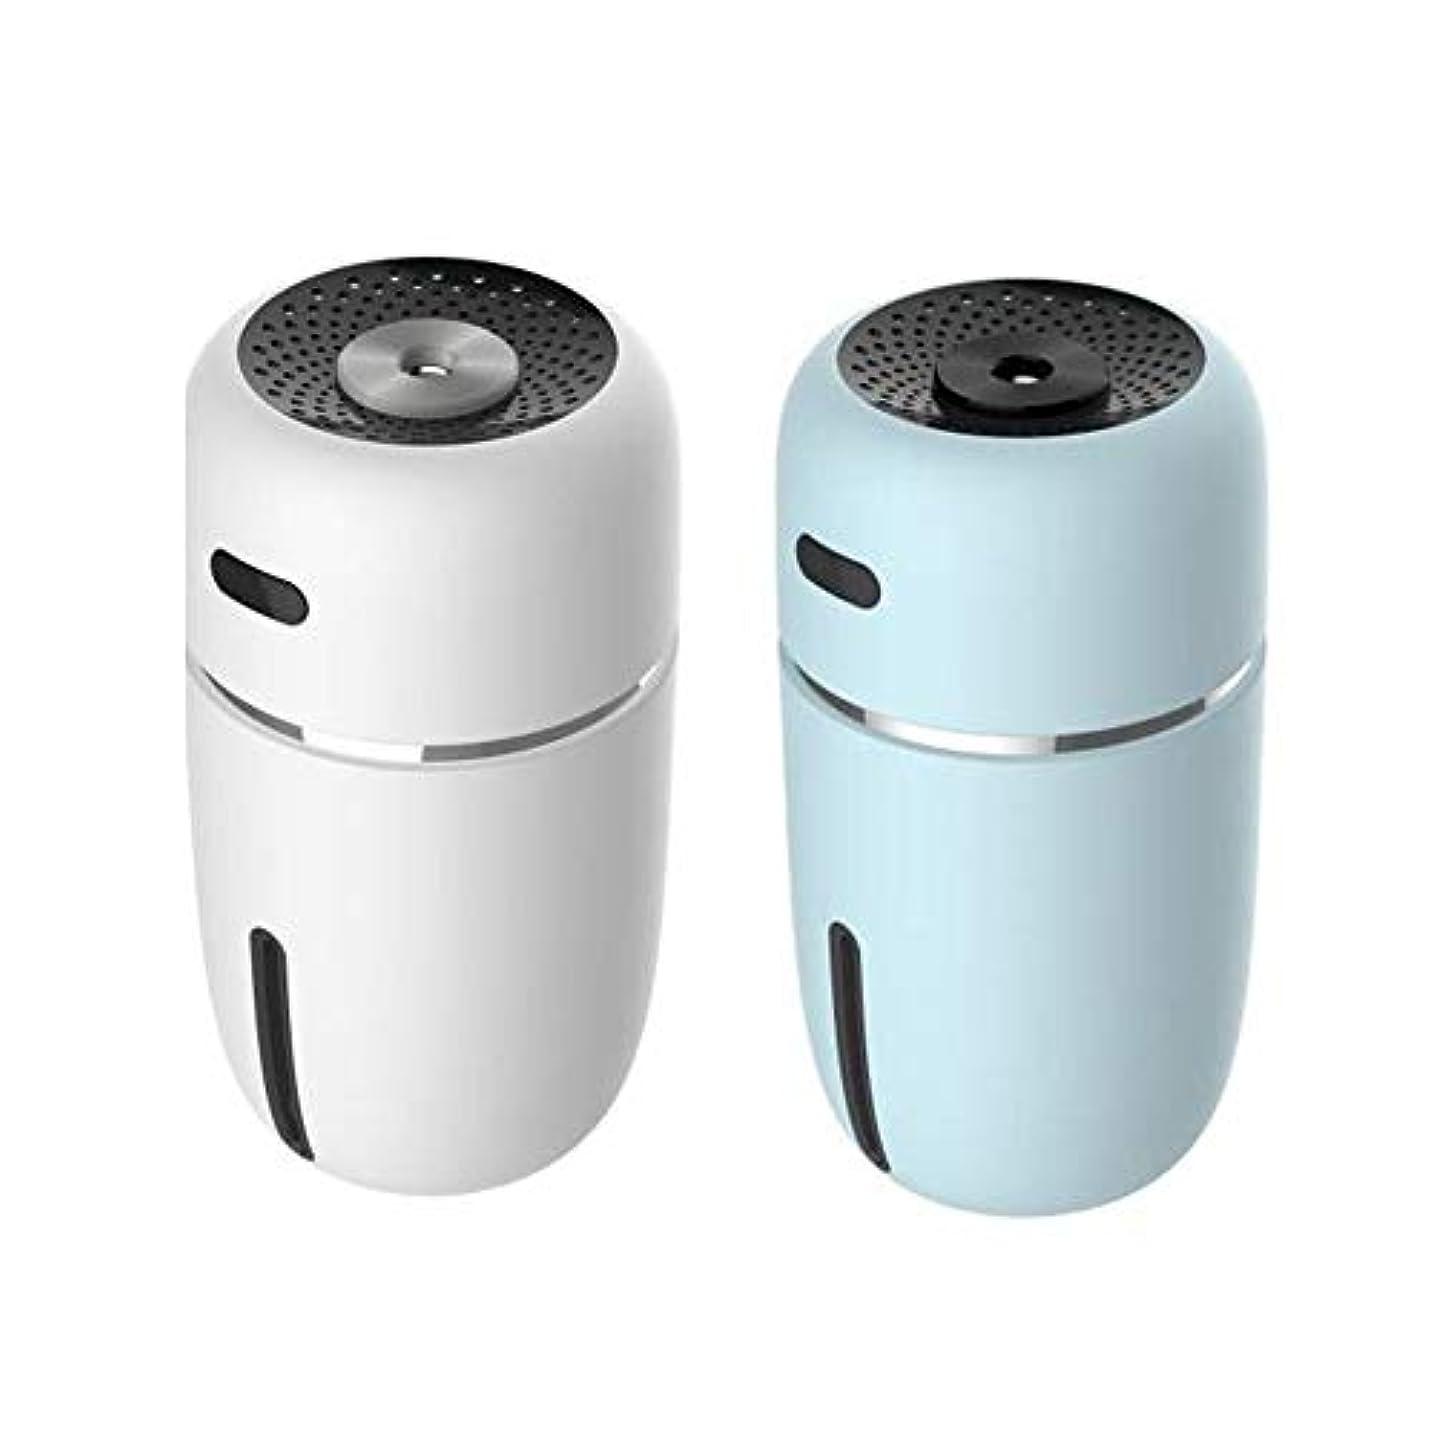 グリット永遠の事前ZXF 新しいミニナノスプレー水和美容機器加湿器abs素材usb充電車のオフィス空気浄化水道メーター夜ライトブルーセクションホワイト 滑らかである (色 : White)